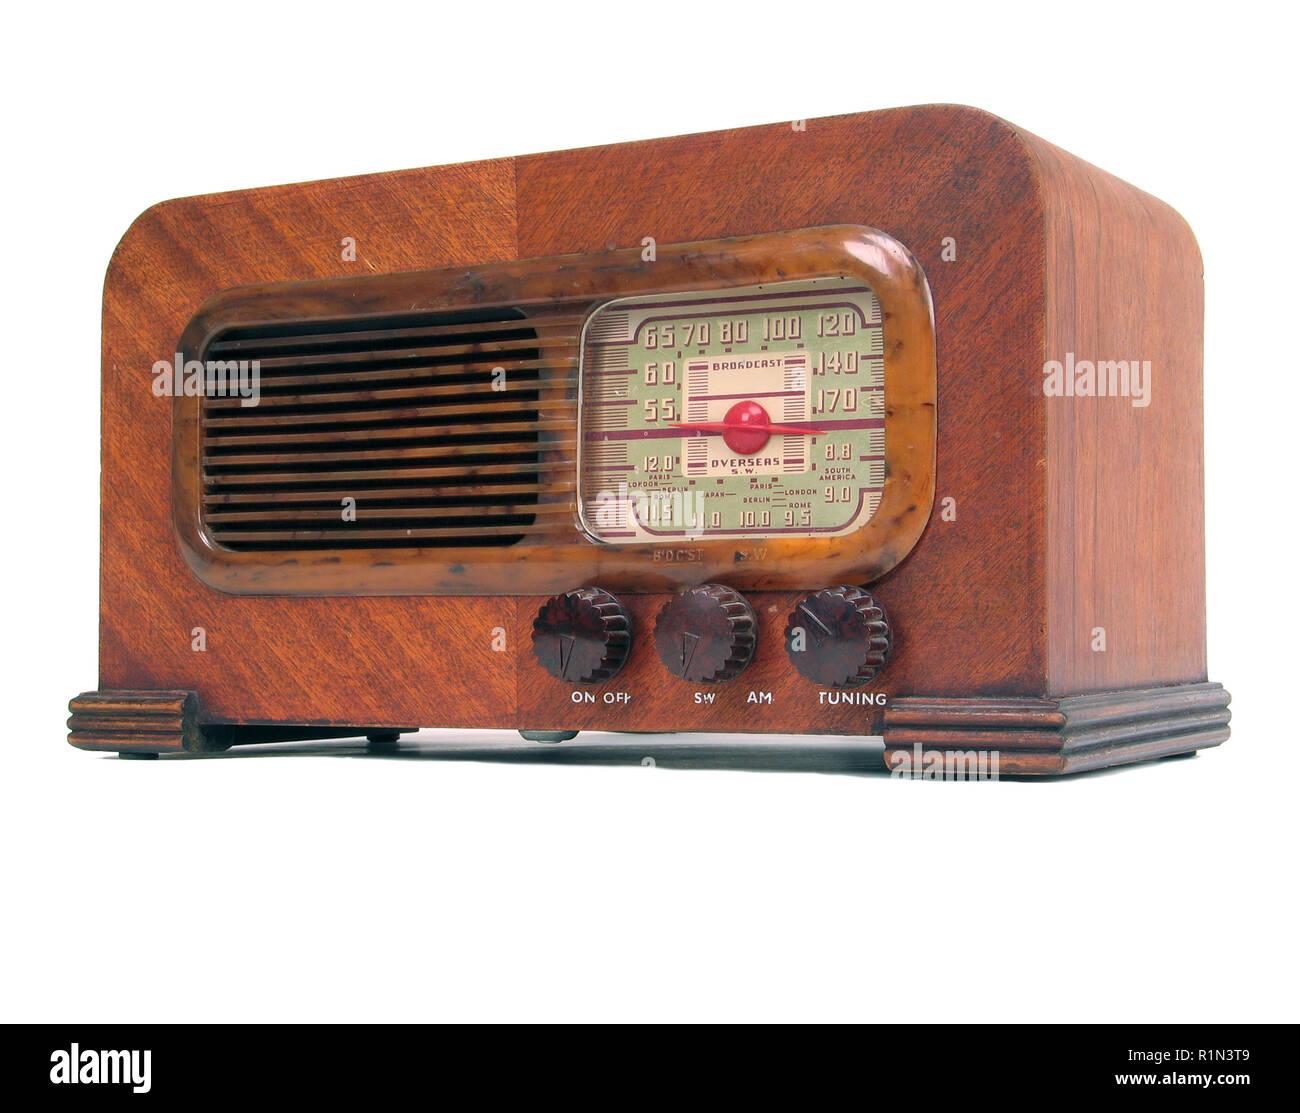 Worldwide Radio Stock Photos & Worldwide Radio Stock Images - Alamy